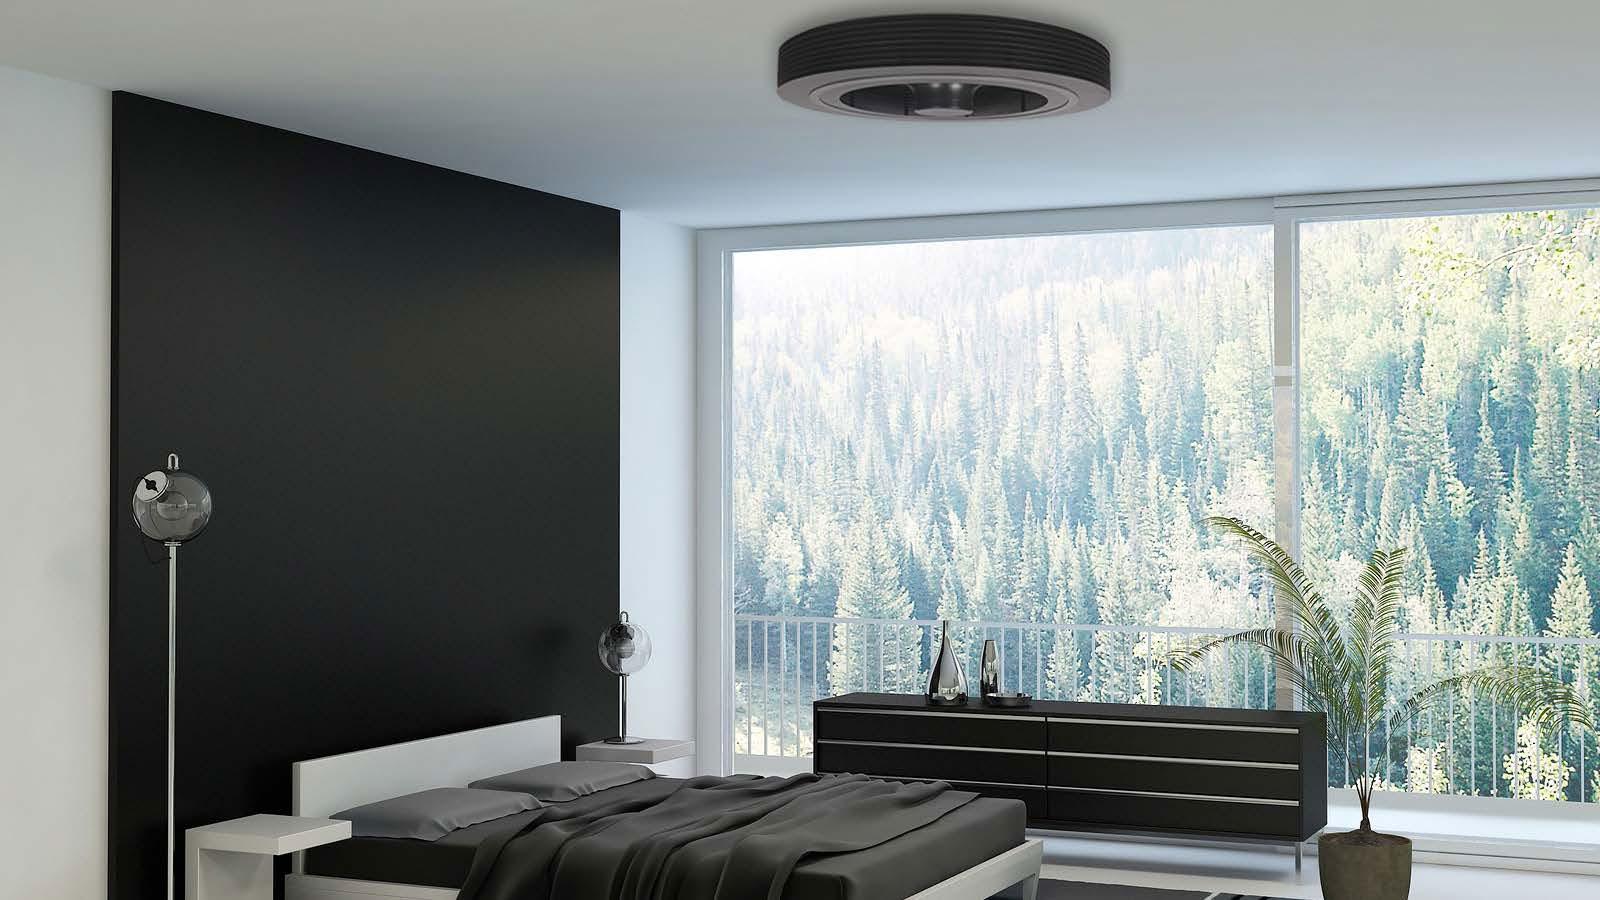 Seniors, connaissez vous le concept de ventilateur sans pales qui se fixe au plafond?